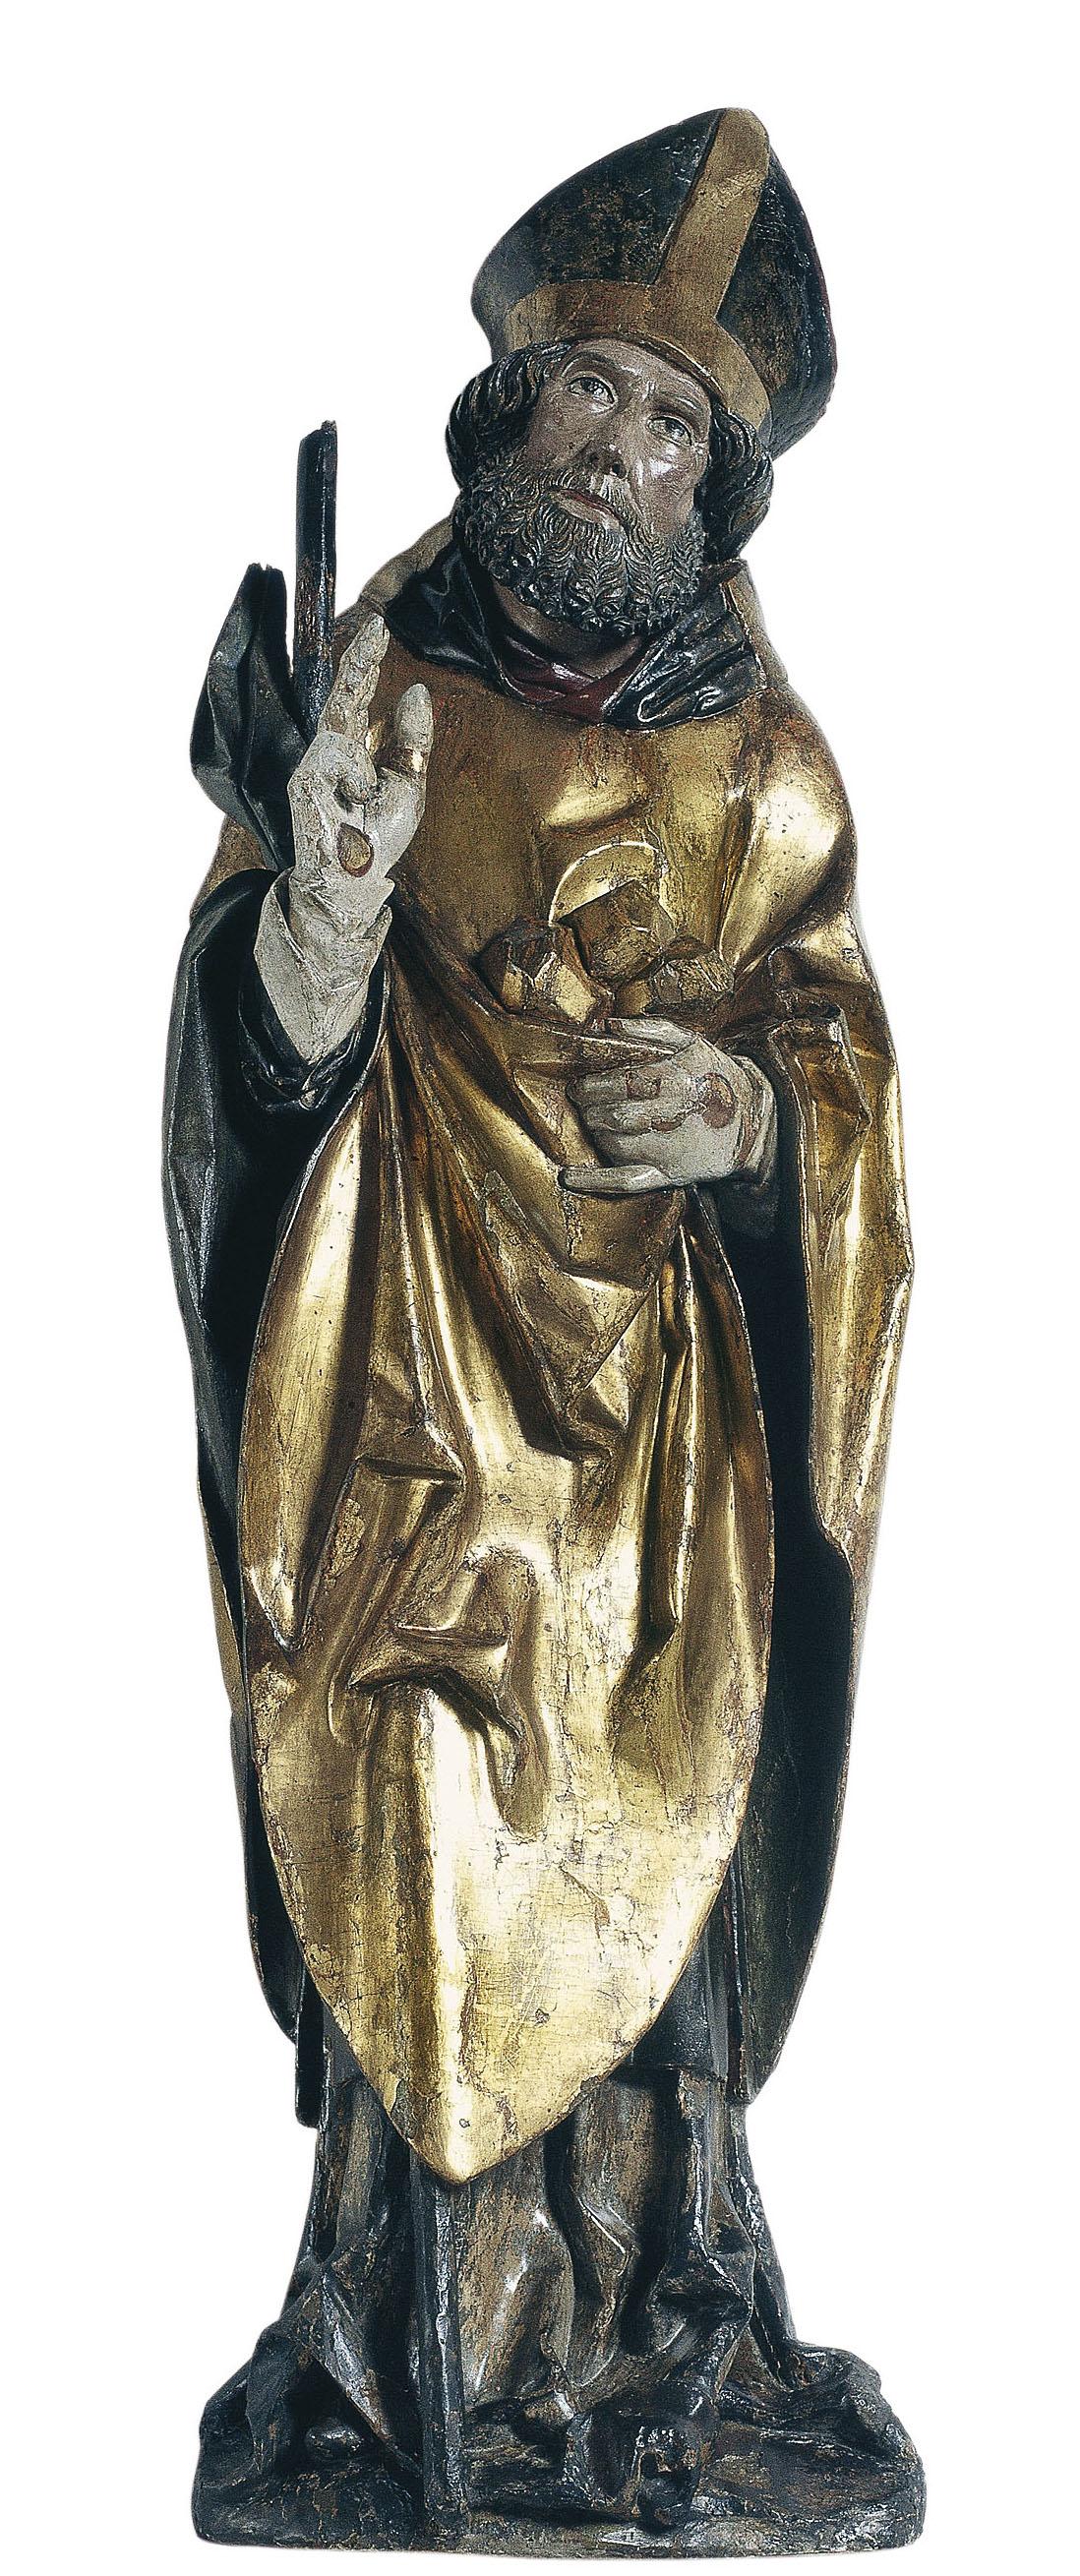 Anònim. Alemanya - Sant Nicolau - Cap a 1500